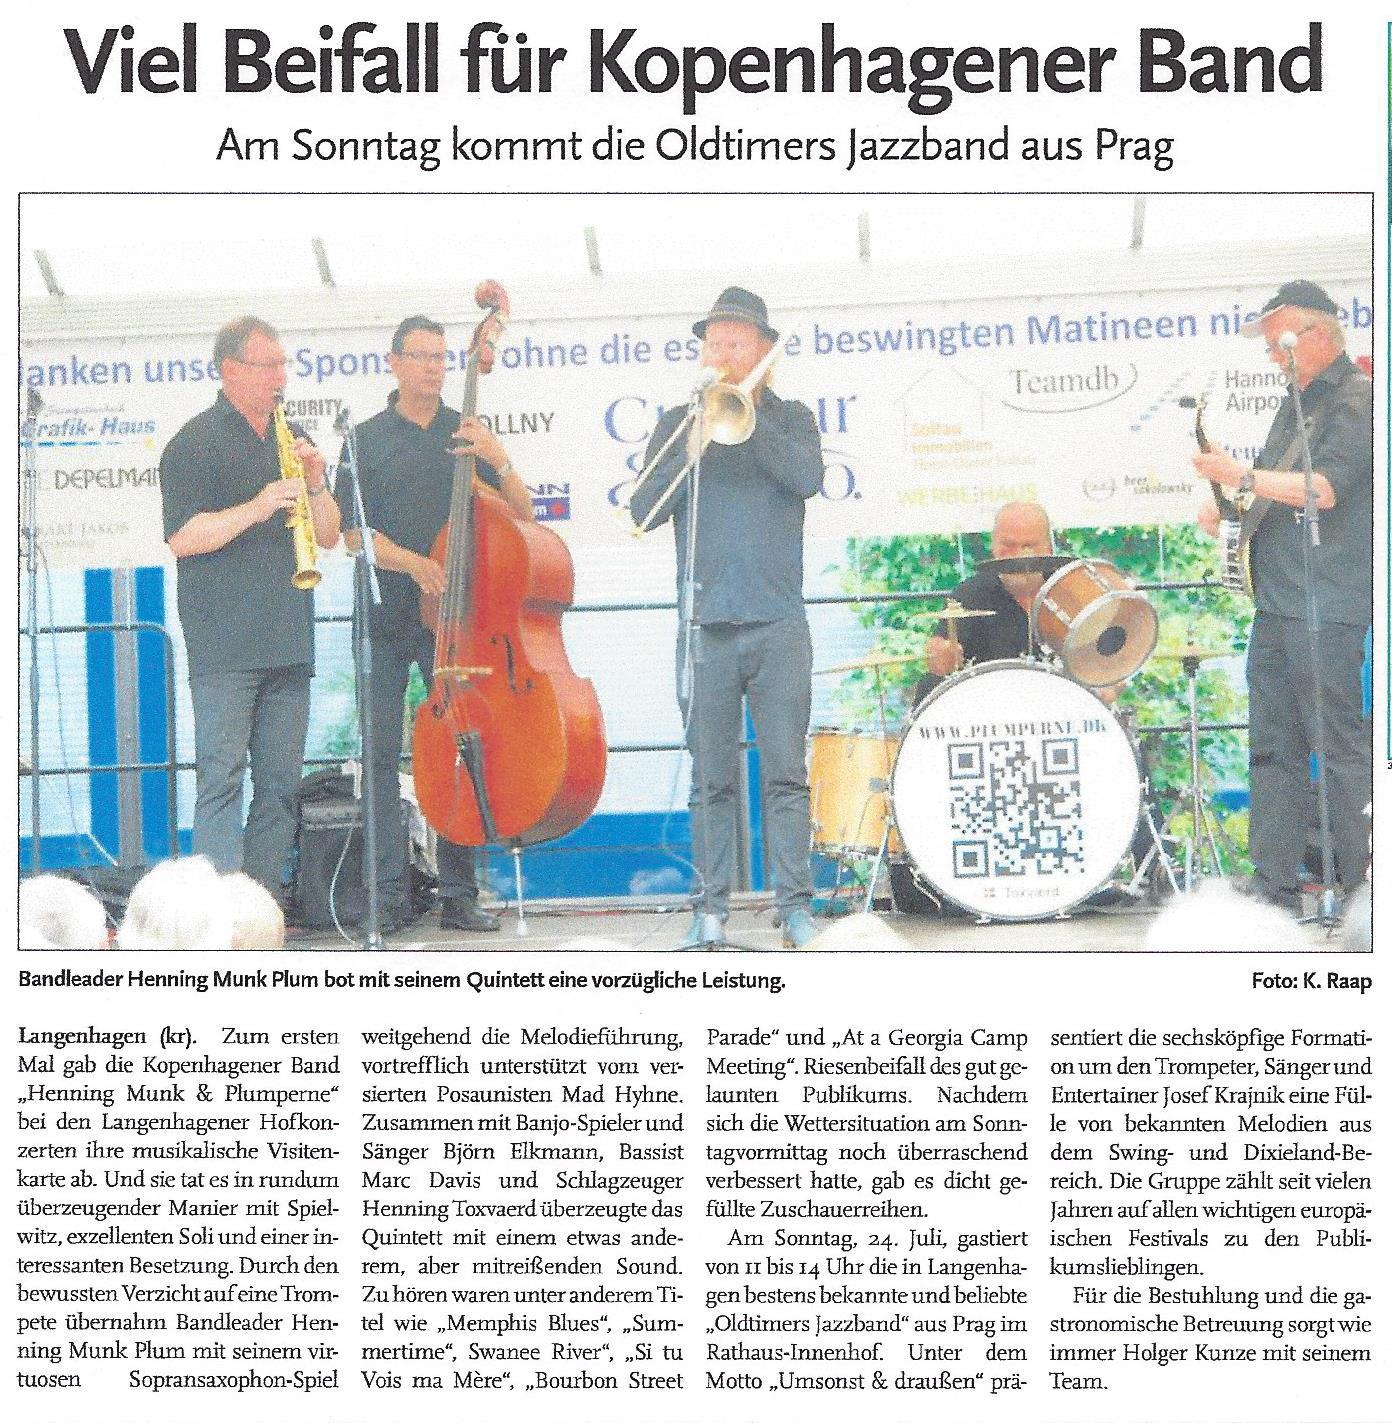 Viel Beifall für Kopenhagener Band